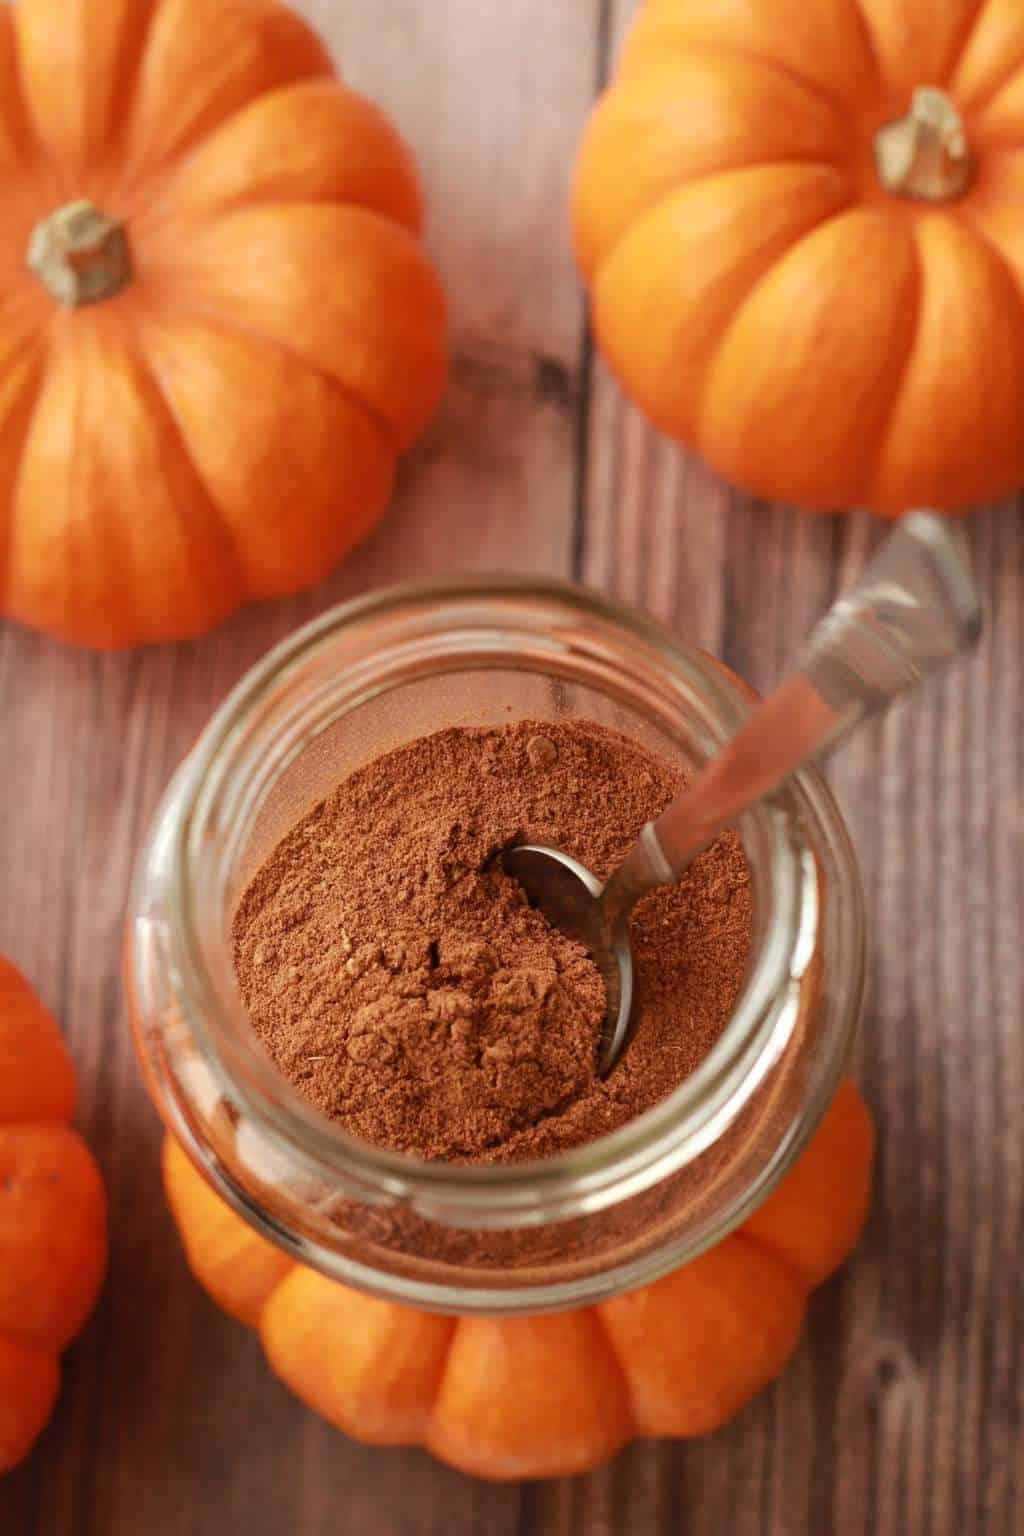 Spice in pumpkin pie